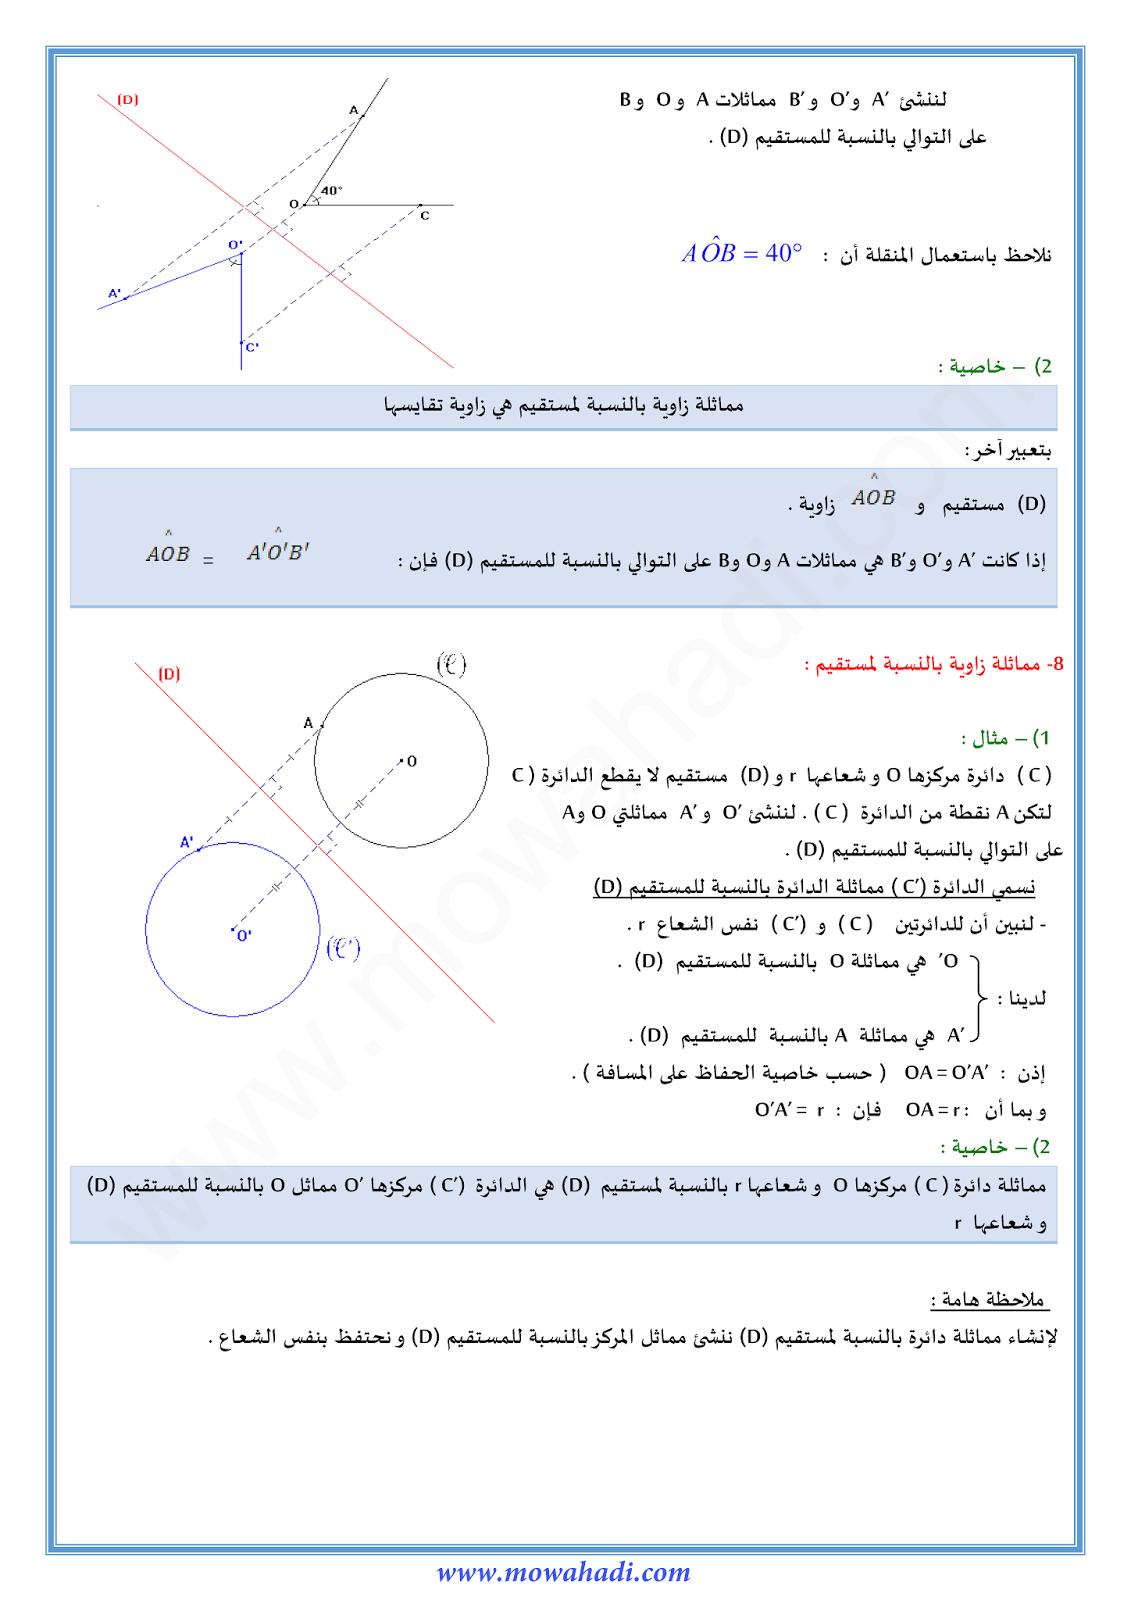 درس التماثل المحوري للسنة الثانية اعدادي في مادة الرياضيات